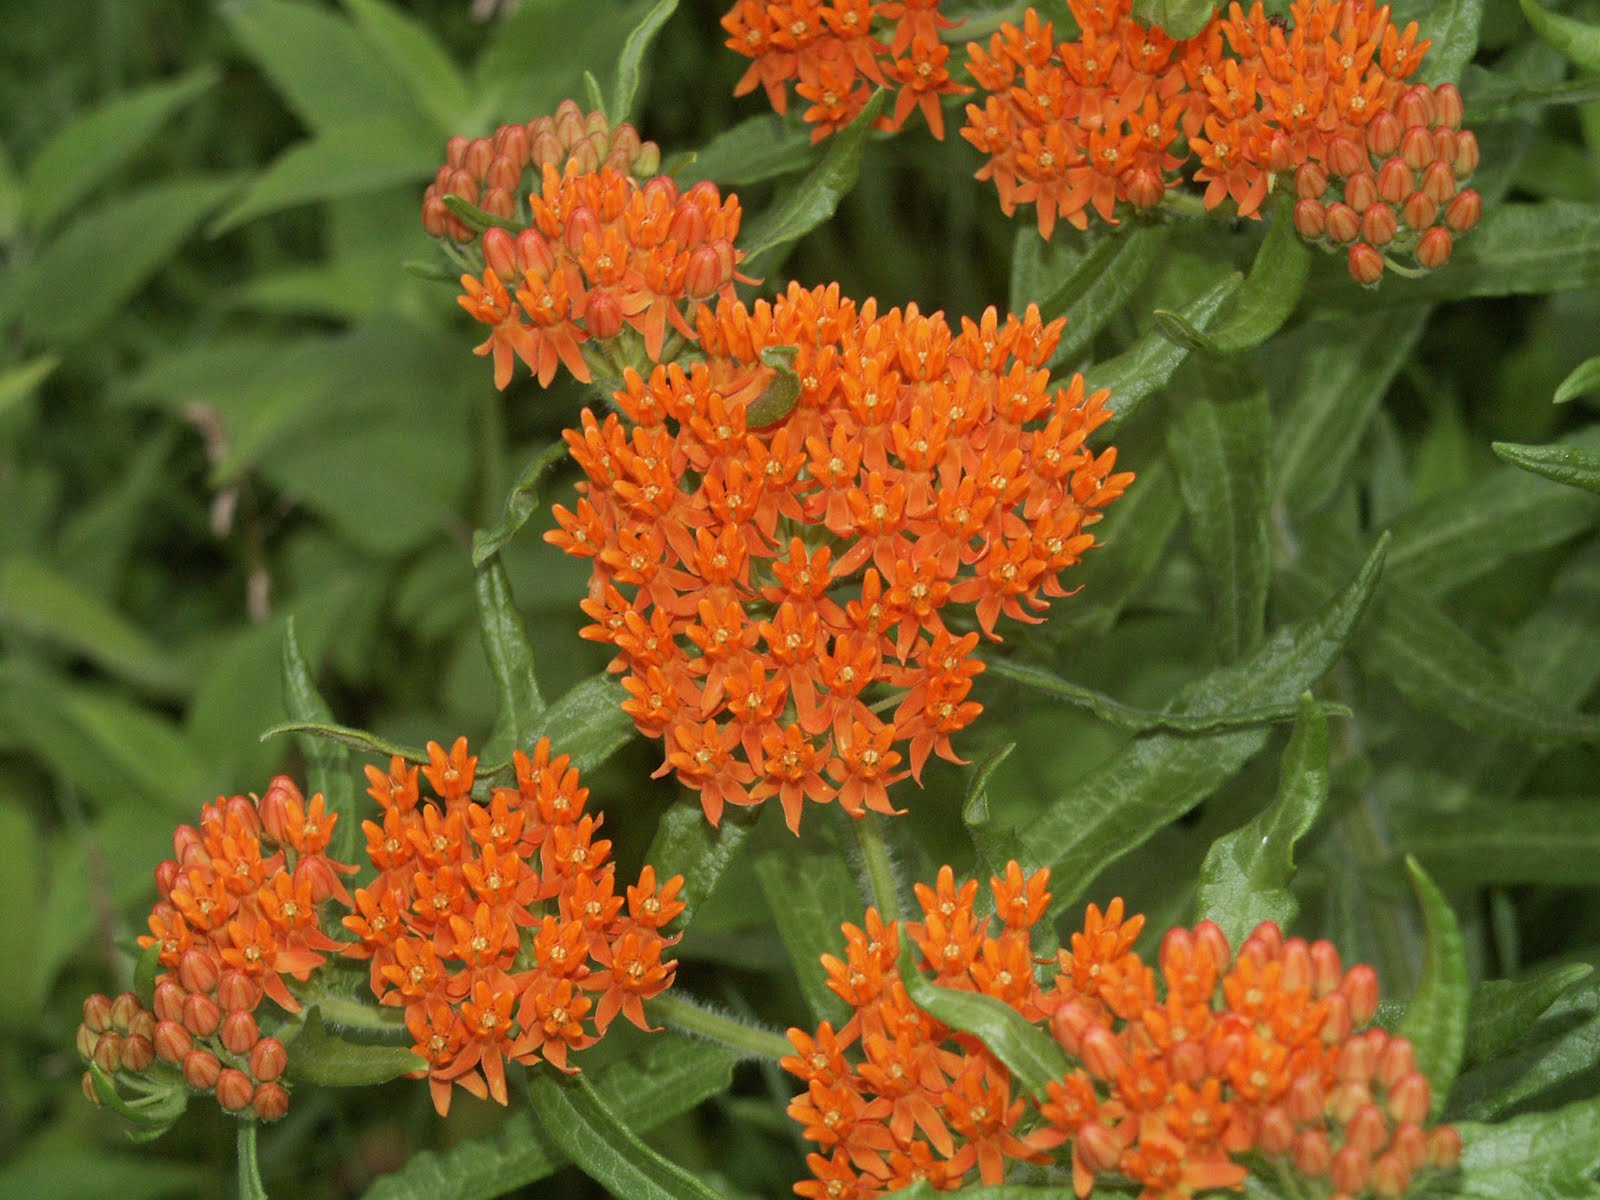 http://2.bp.blogspot.com/-fTGRKSdfWqM/TfZS8vS9vtI/AAAAAAAAAJk/PC-eL9tPQeY/s1600/Orange+Flowers+Wallpaper7.jpg